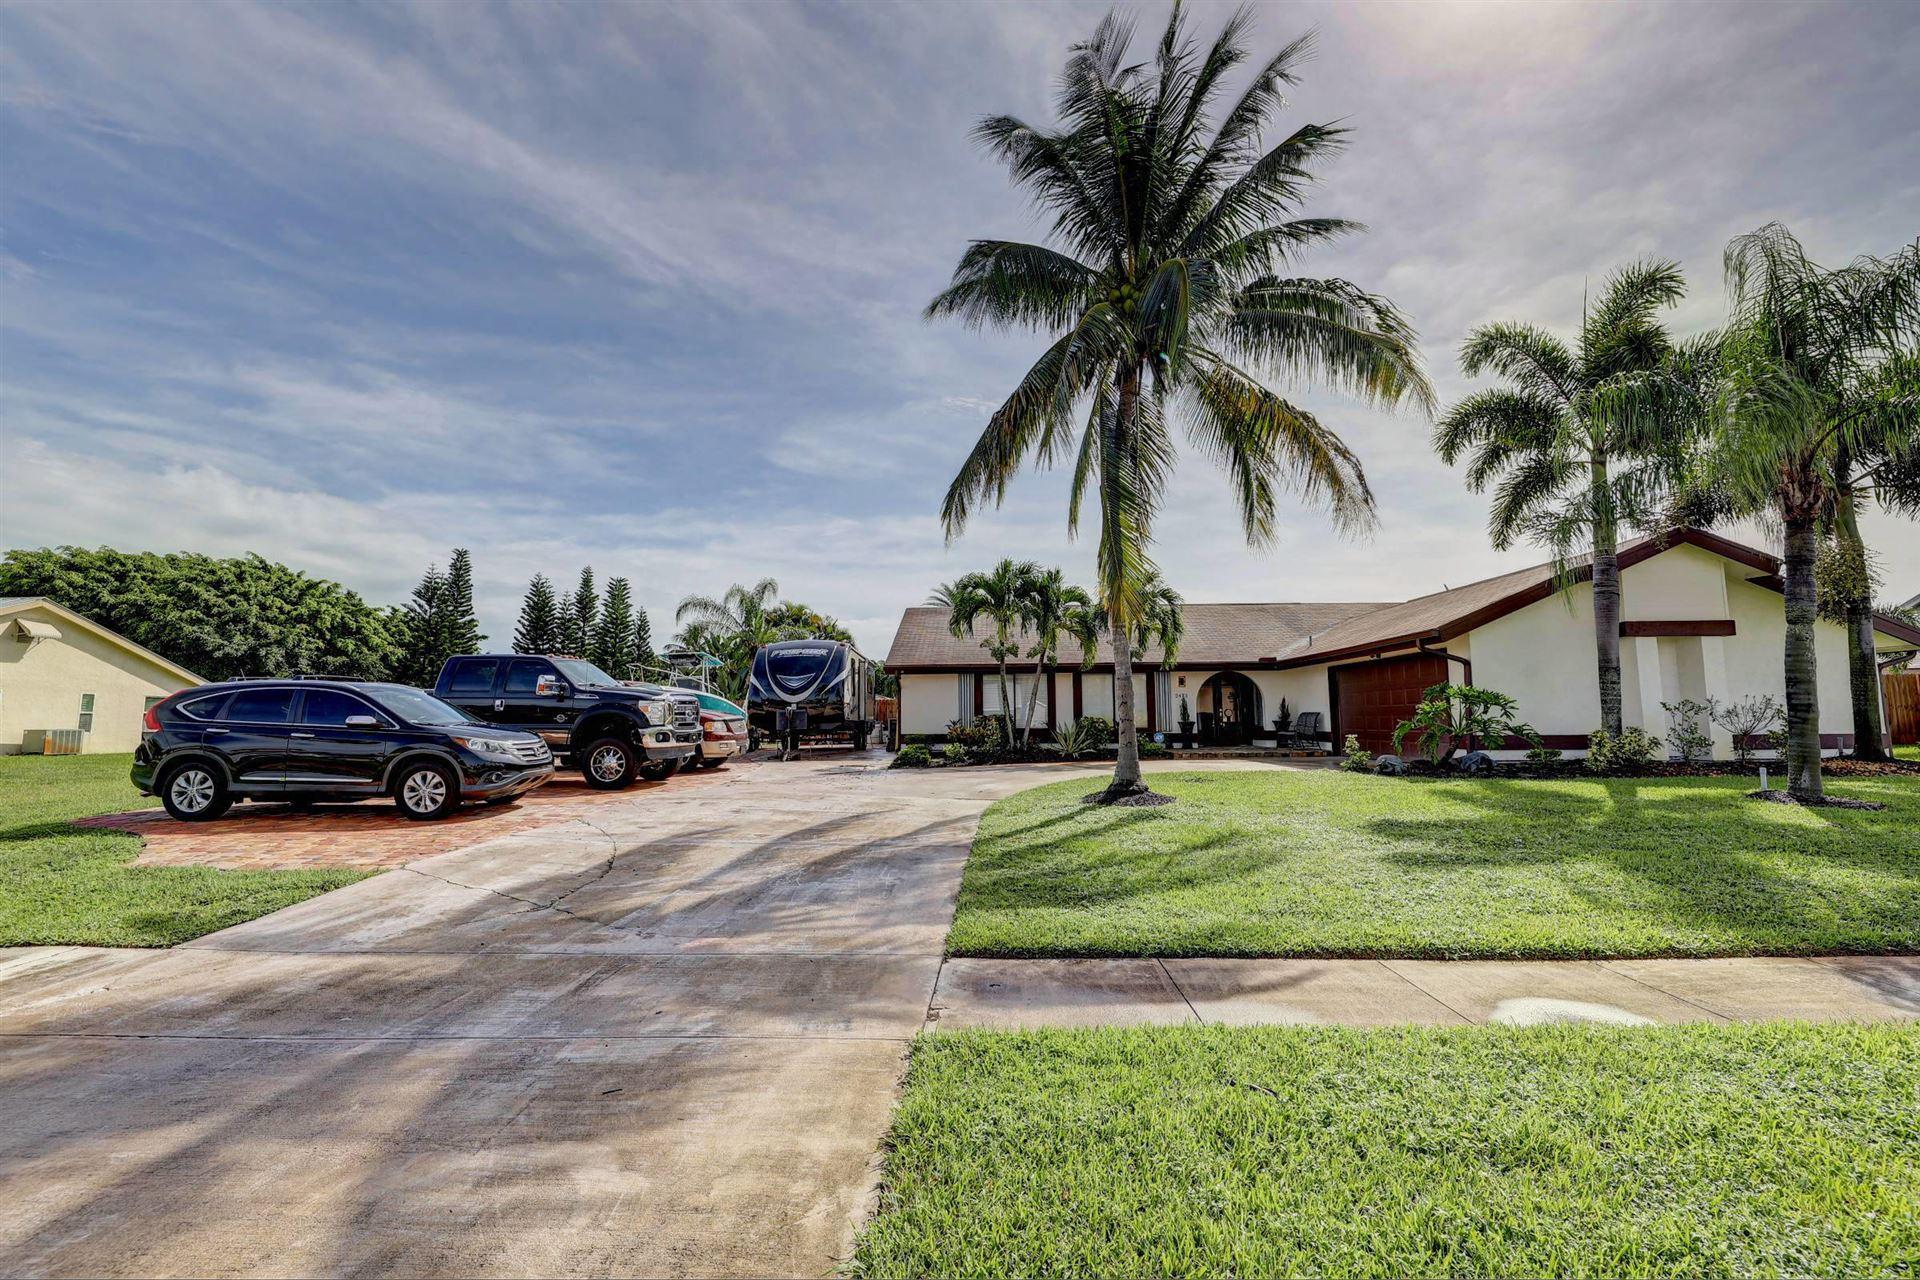 Photo of 2473 SE Gowin Drive, Port Saint Lucie, FL 34952 (MLS # RX-10660924)